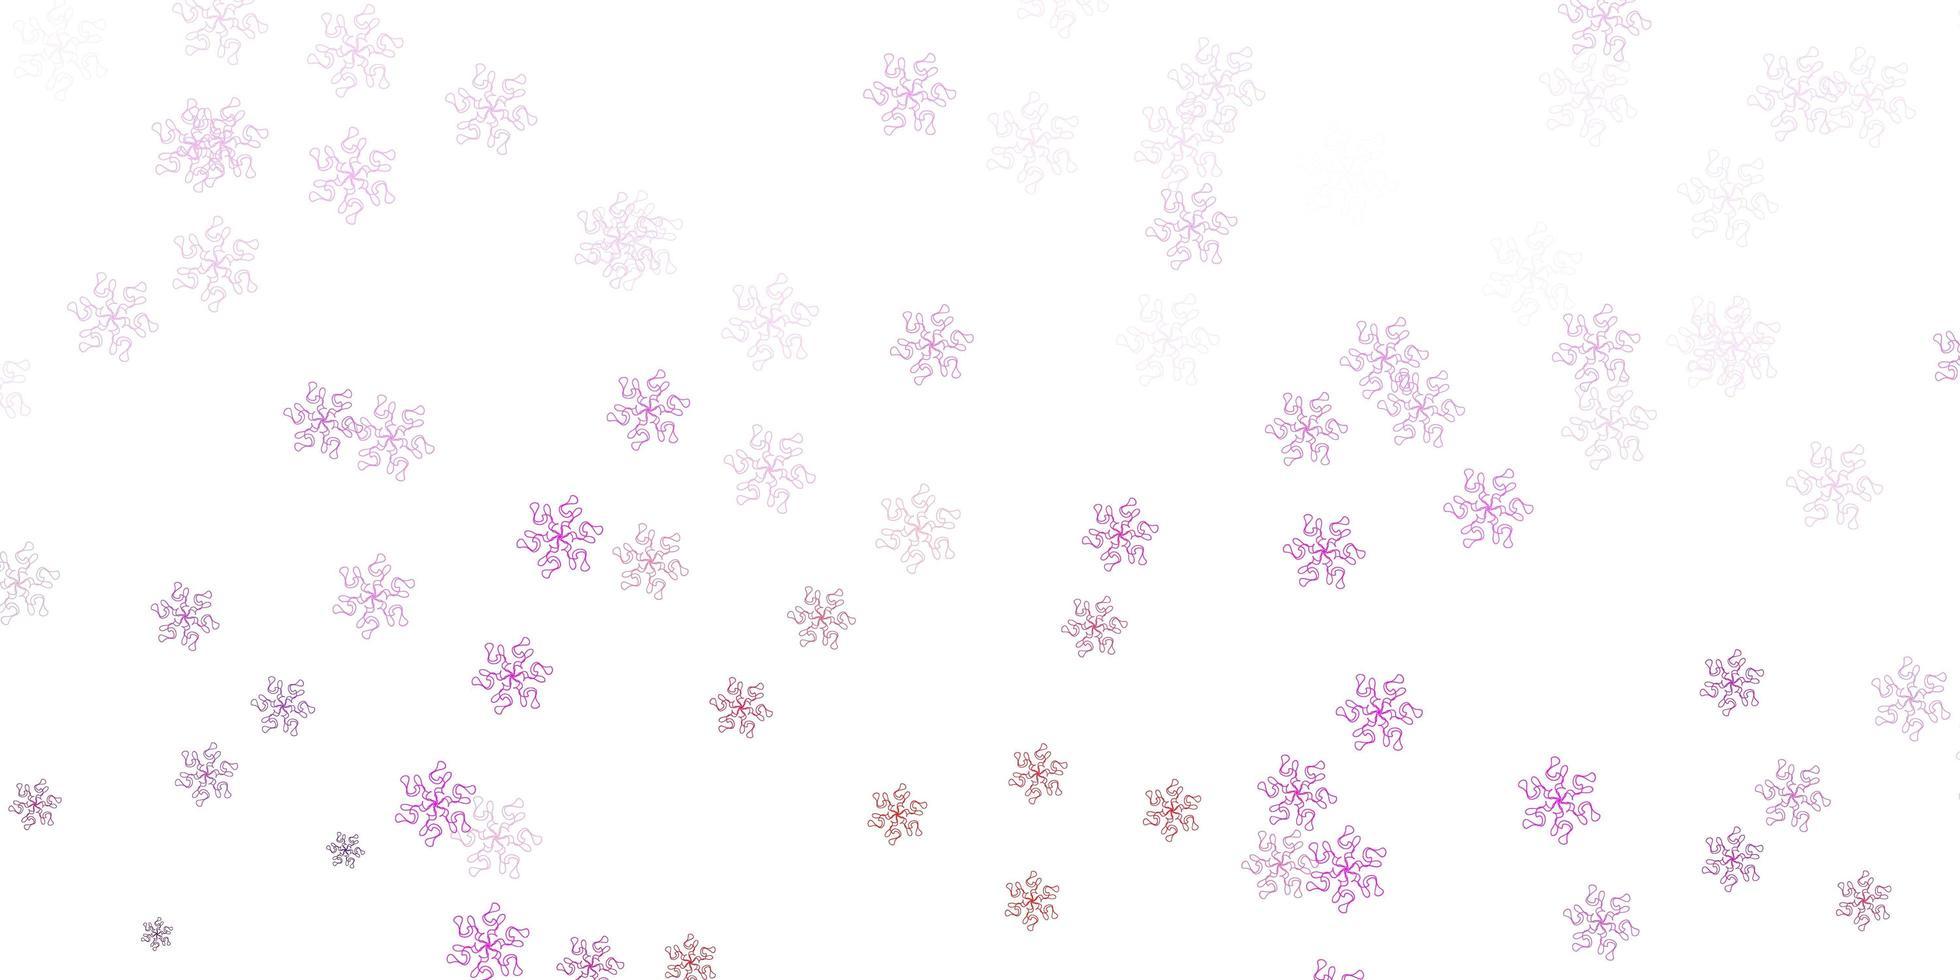 lichtpaars, roze vector doodle sjabloon met bloemen.